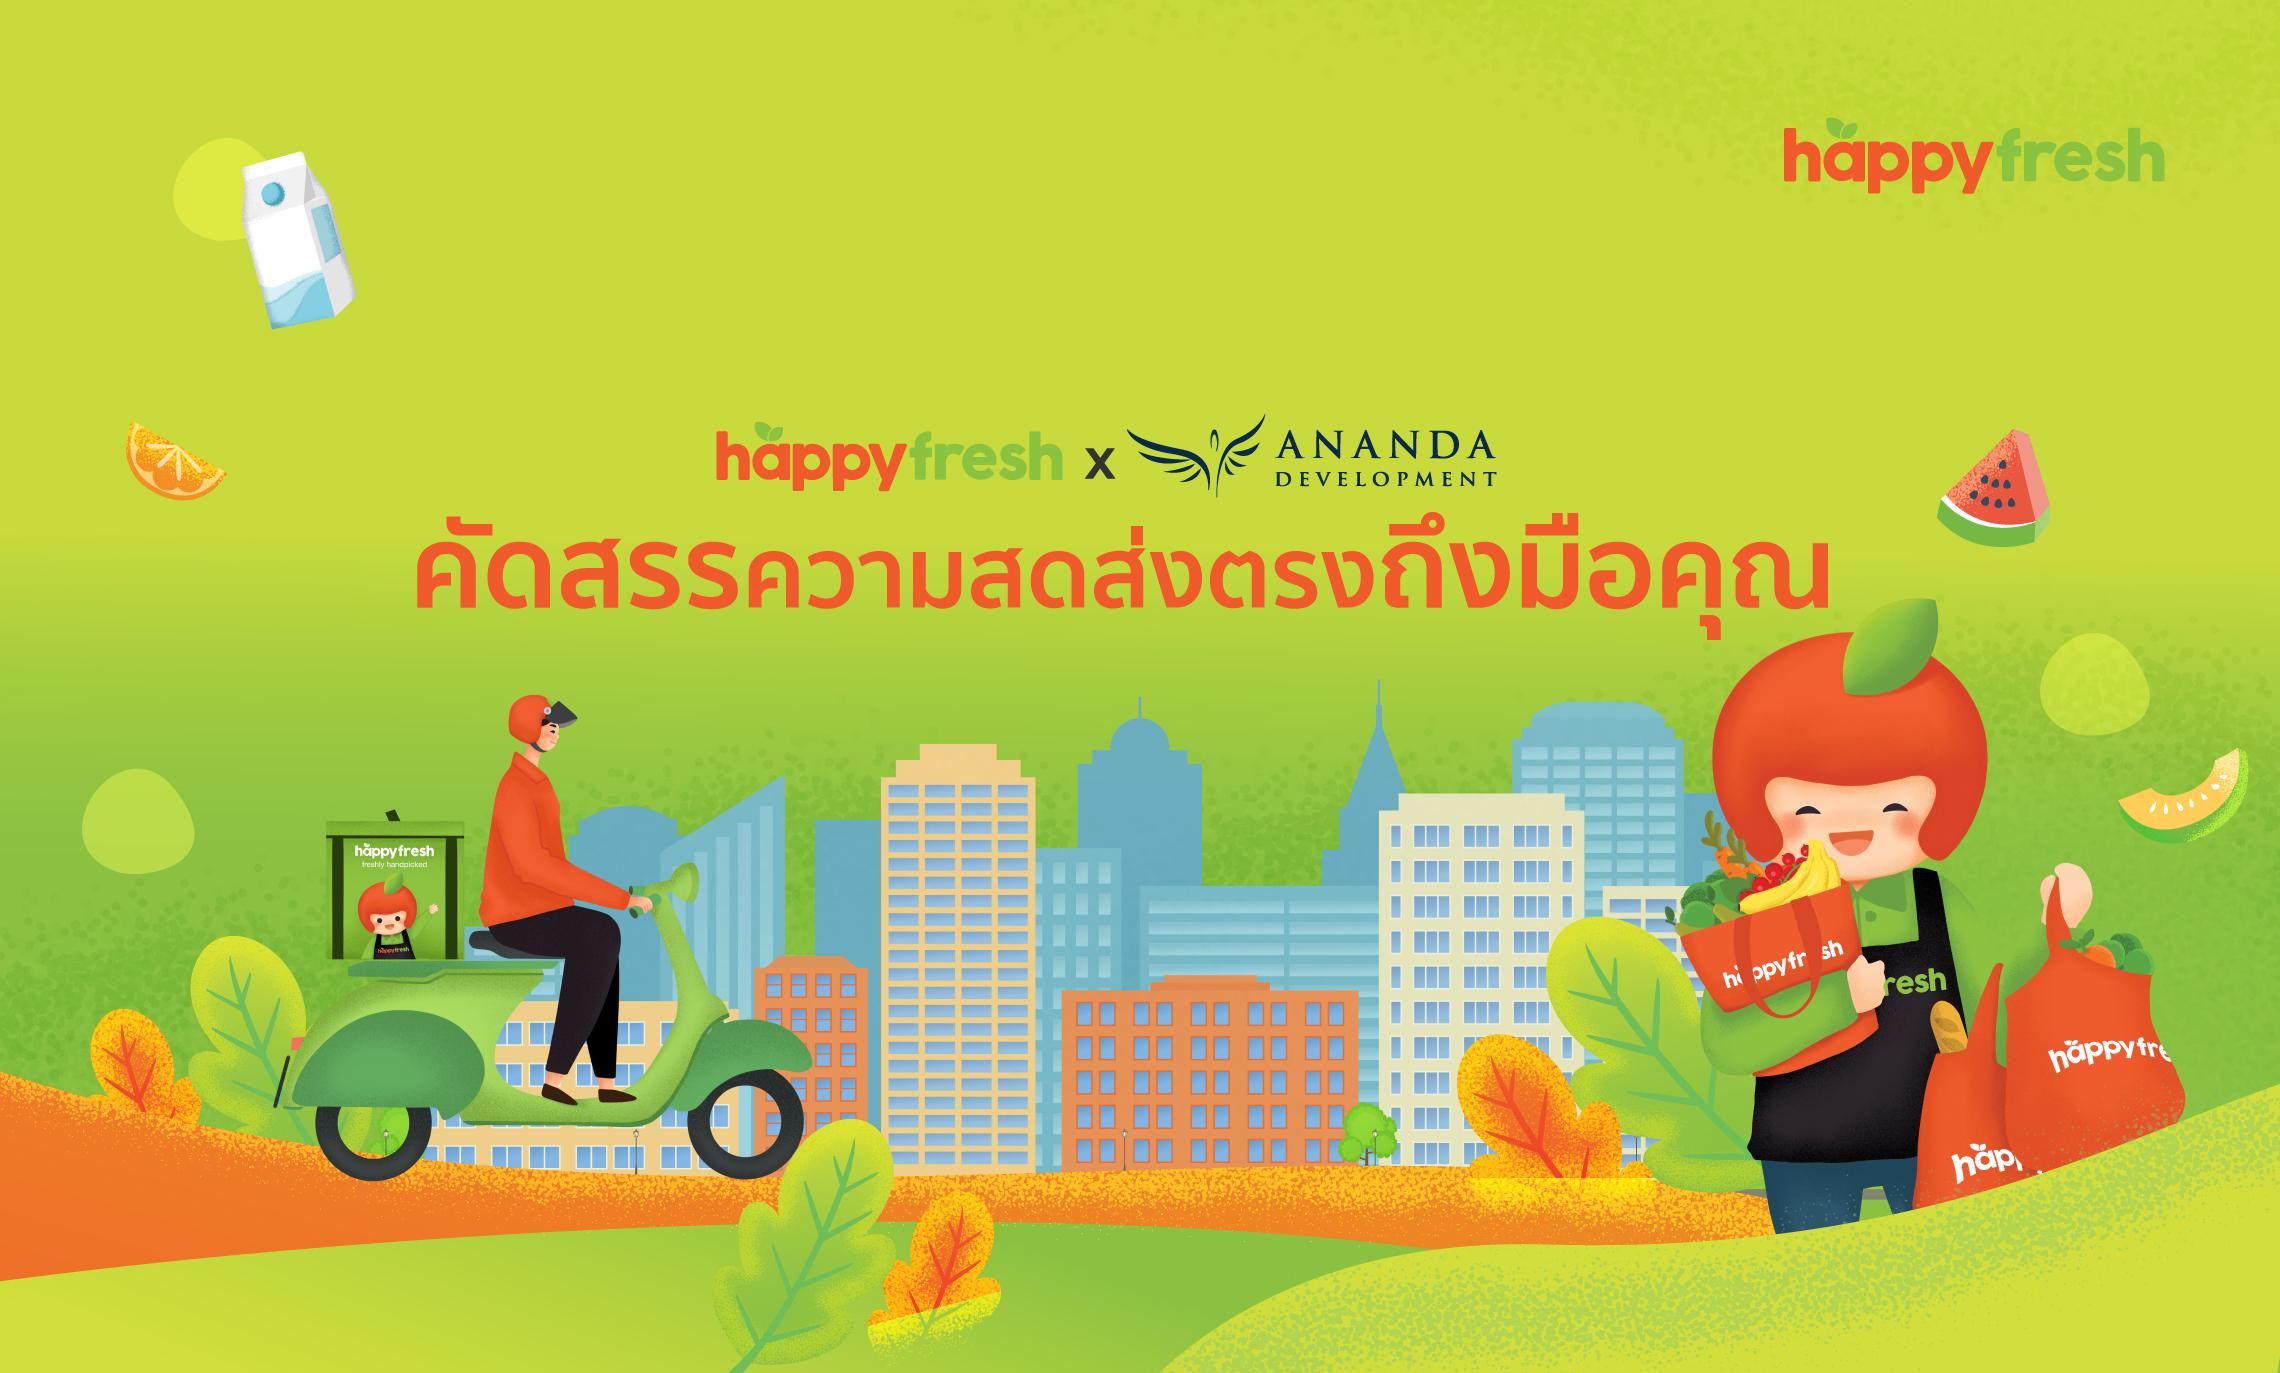 HappyFresh_Life_Saver_At_Your_Condo_Ananda